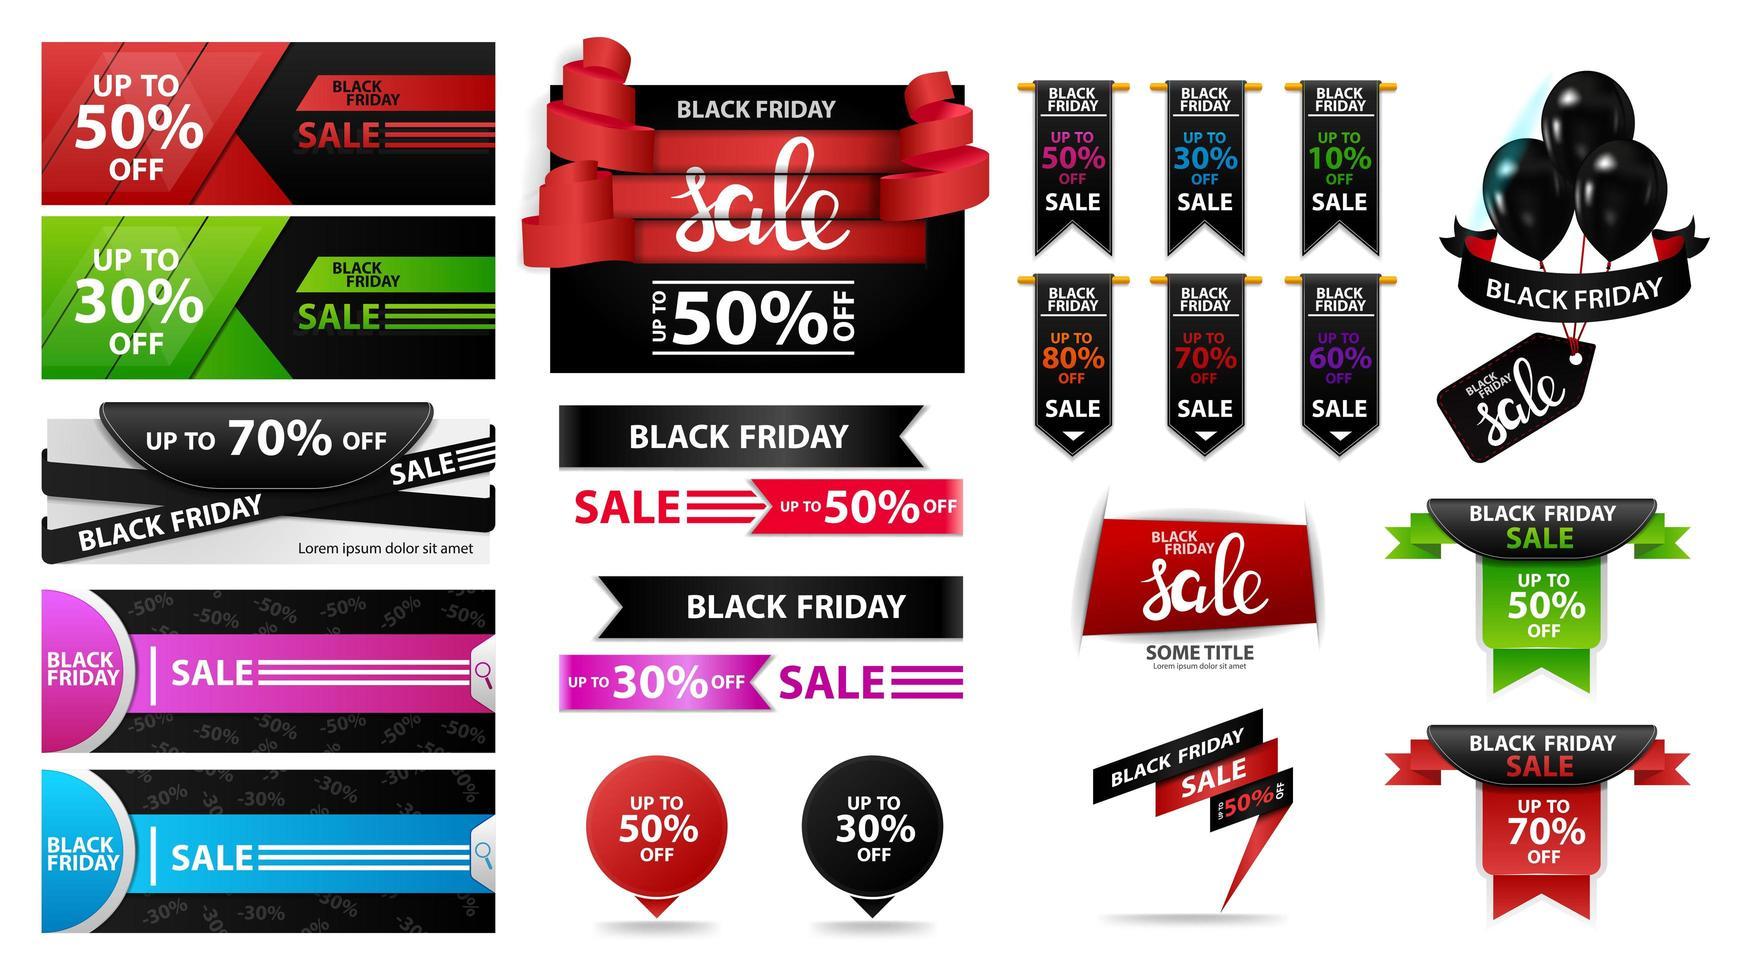 stor uppsättning svart fredag rabatt försäljning banners vektor